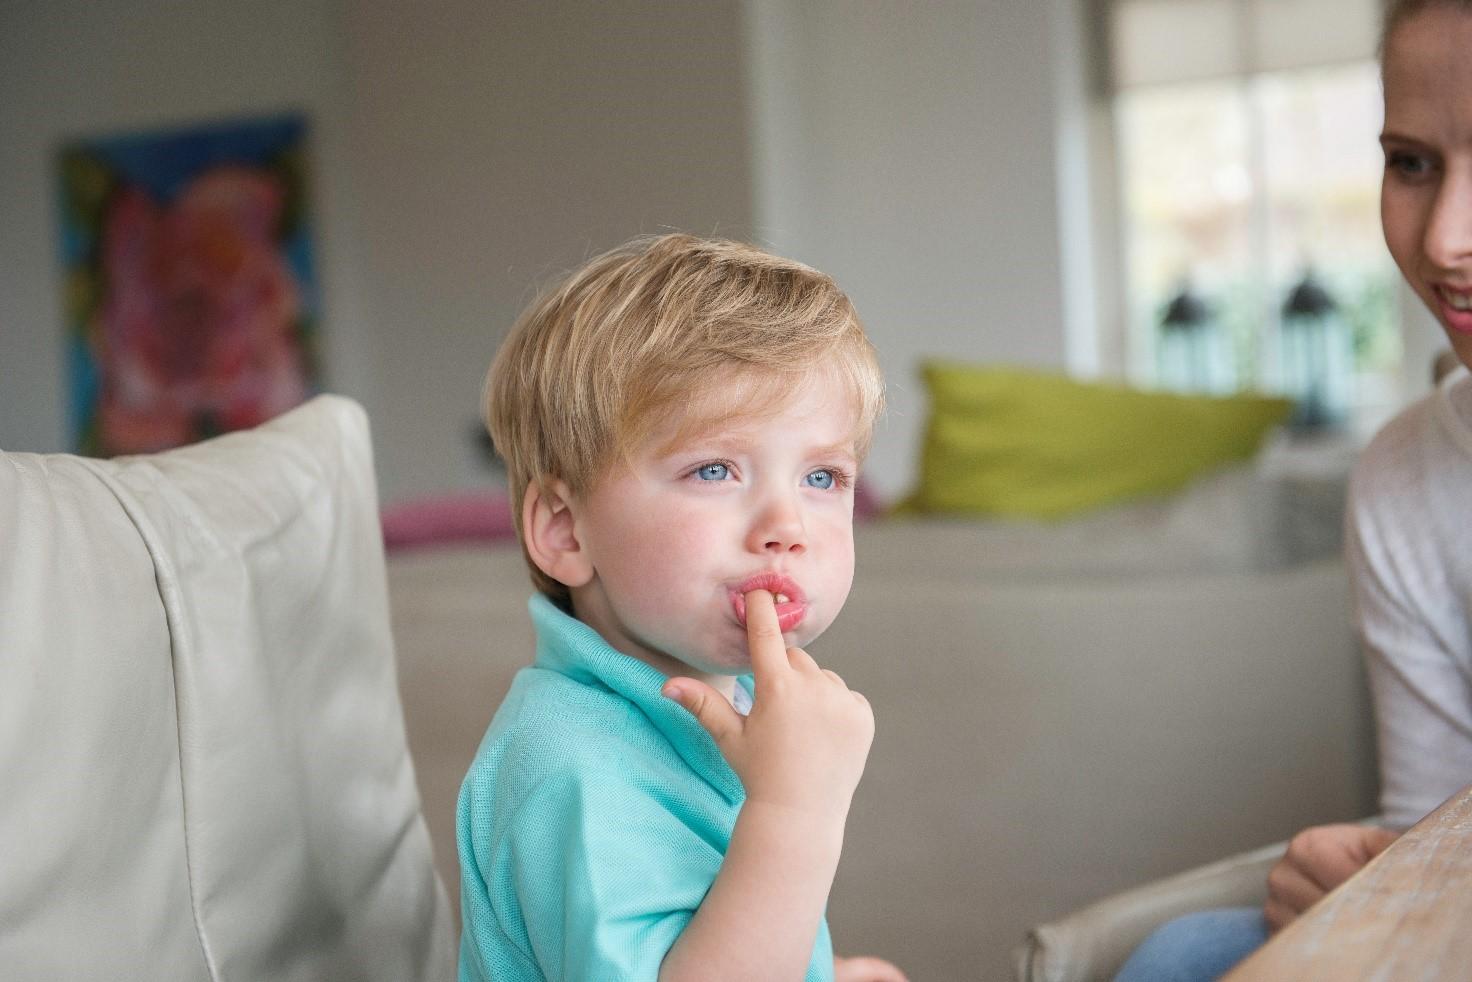 Que mange et boit un enfant de 12 mois?